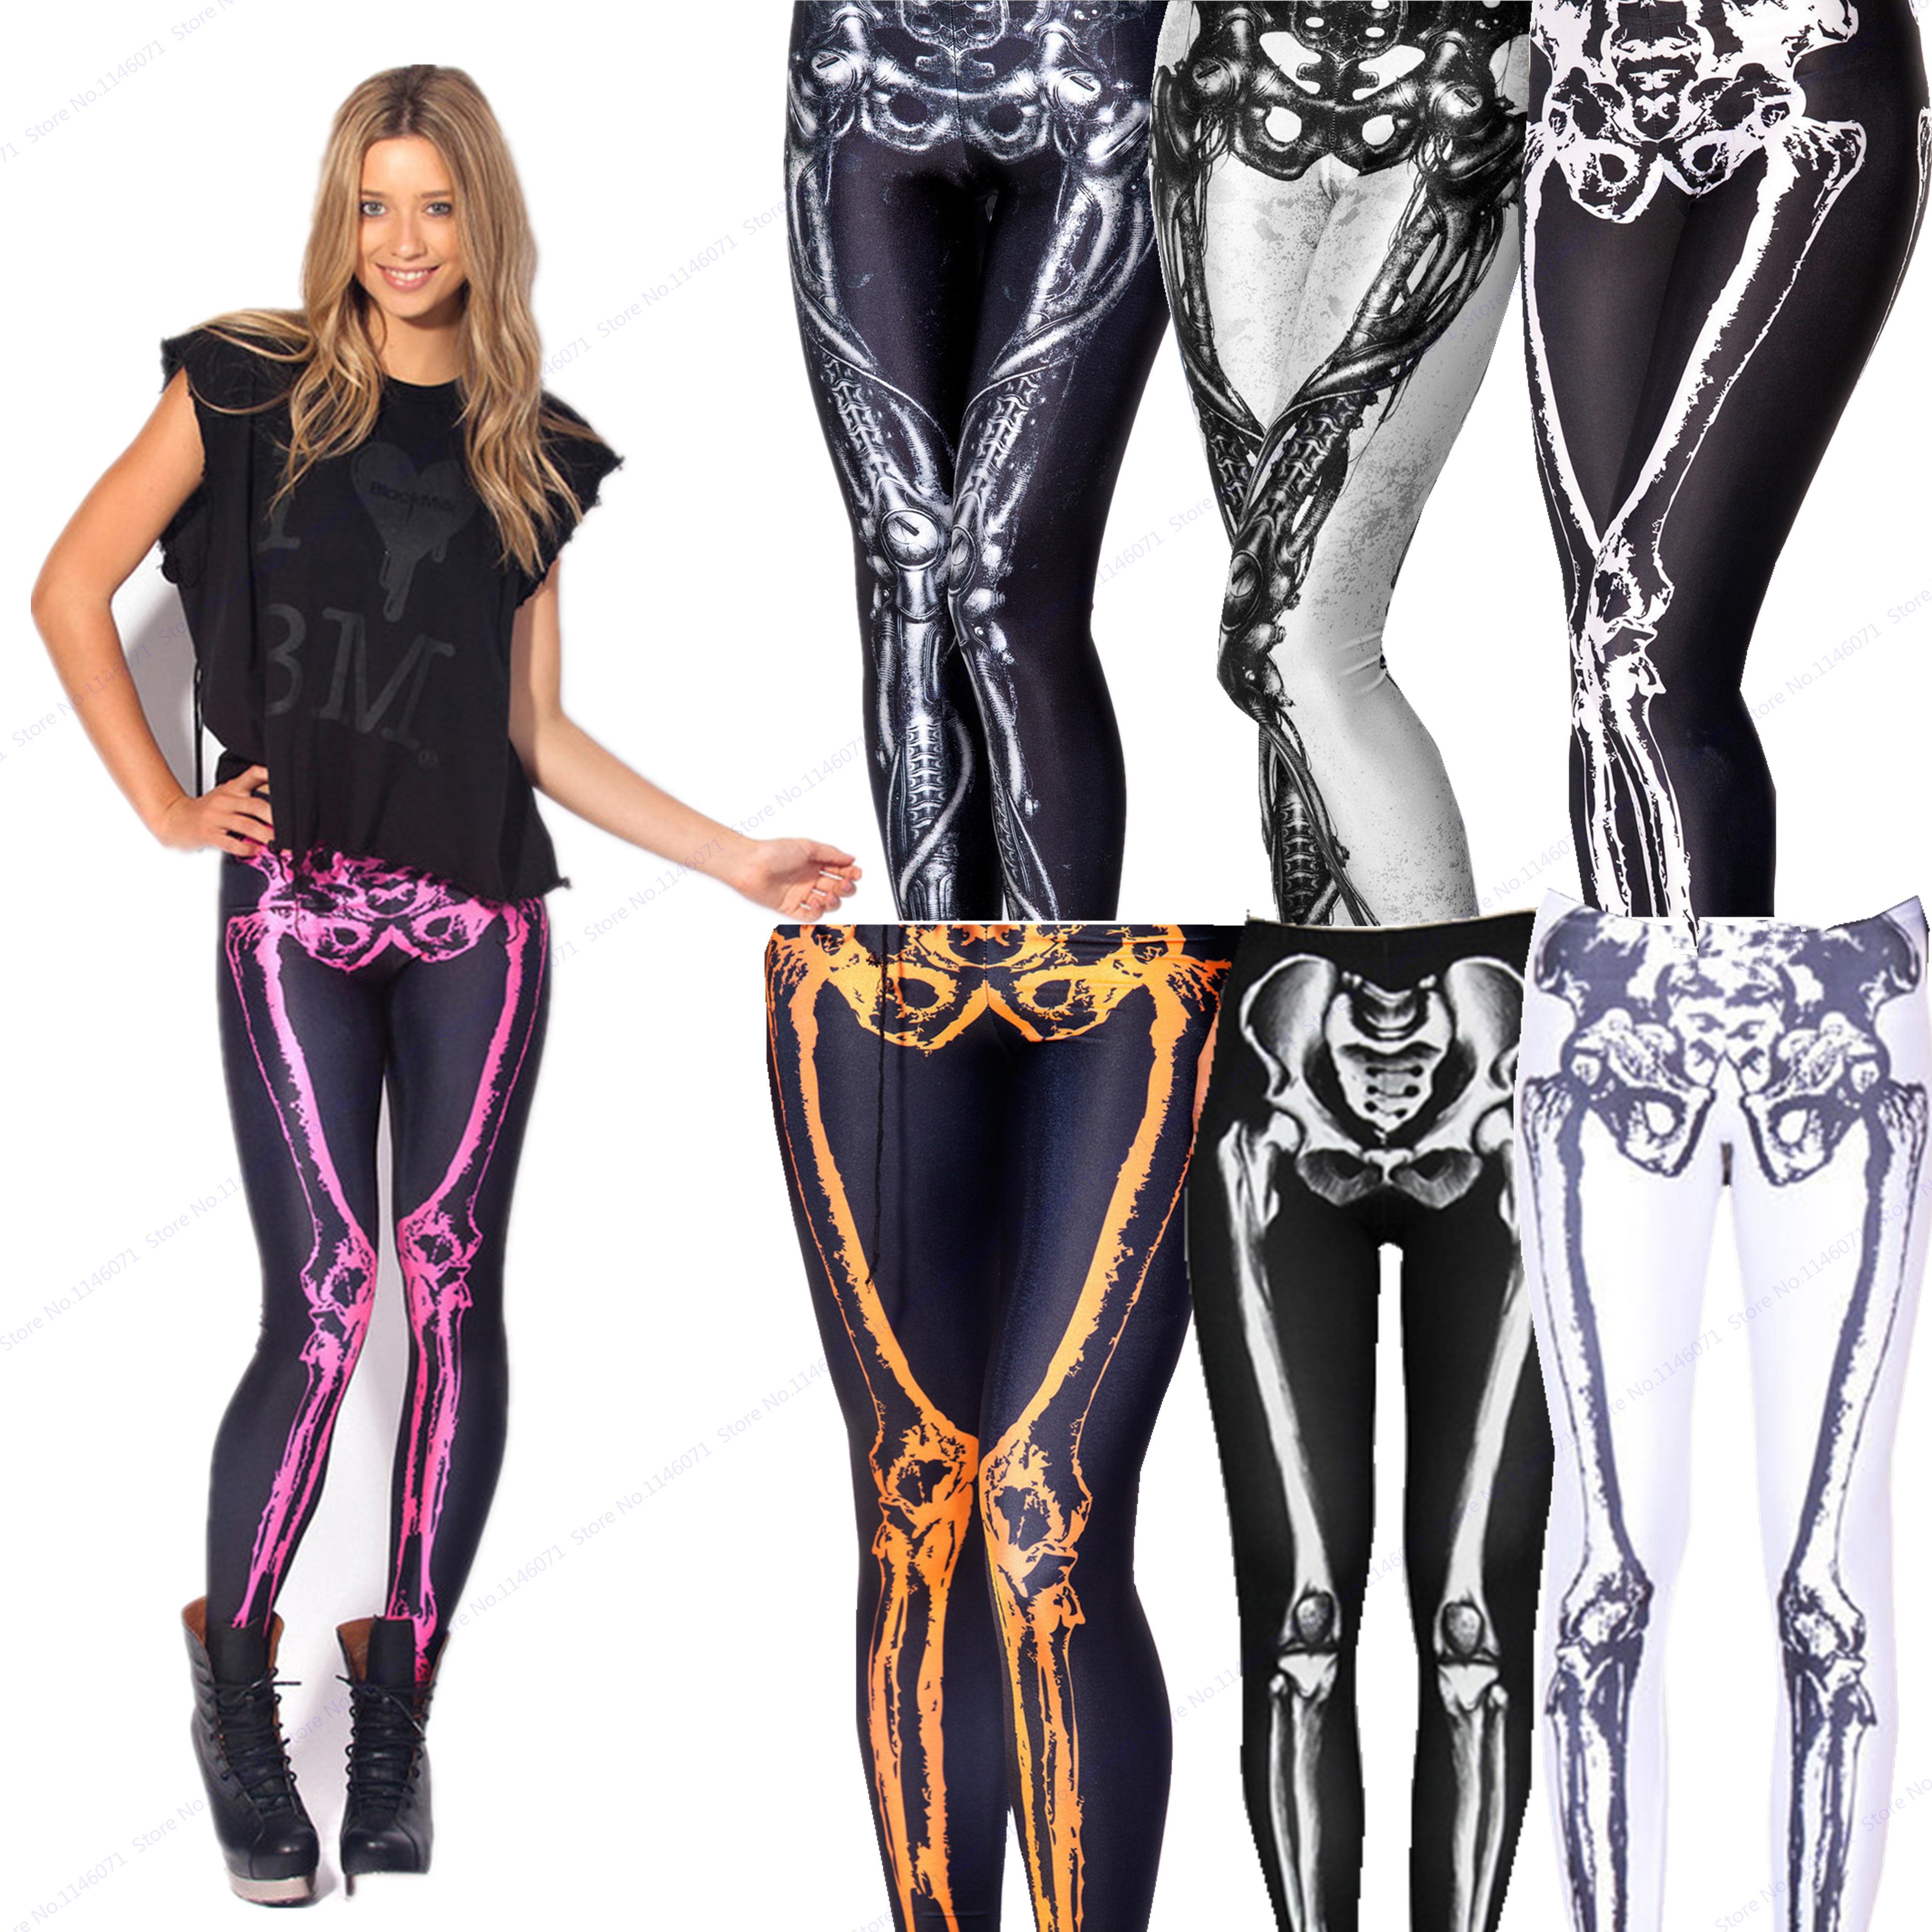 6f8529182d The Pelvis Skeleton Yoga Trouser Gold White Black Skull Bones Jeggings  Compression Leggings Women Skinny Pencil Pants High Waist